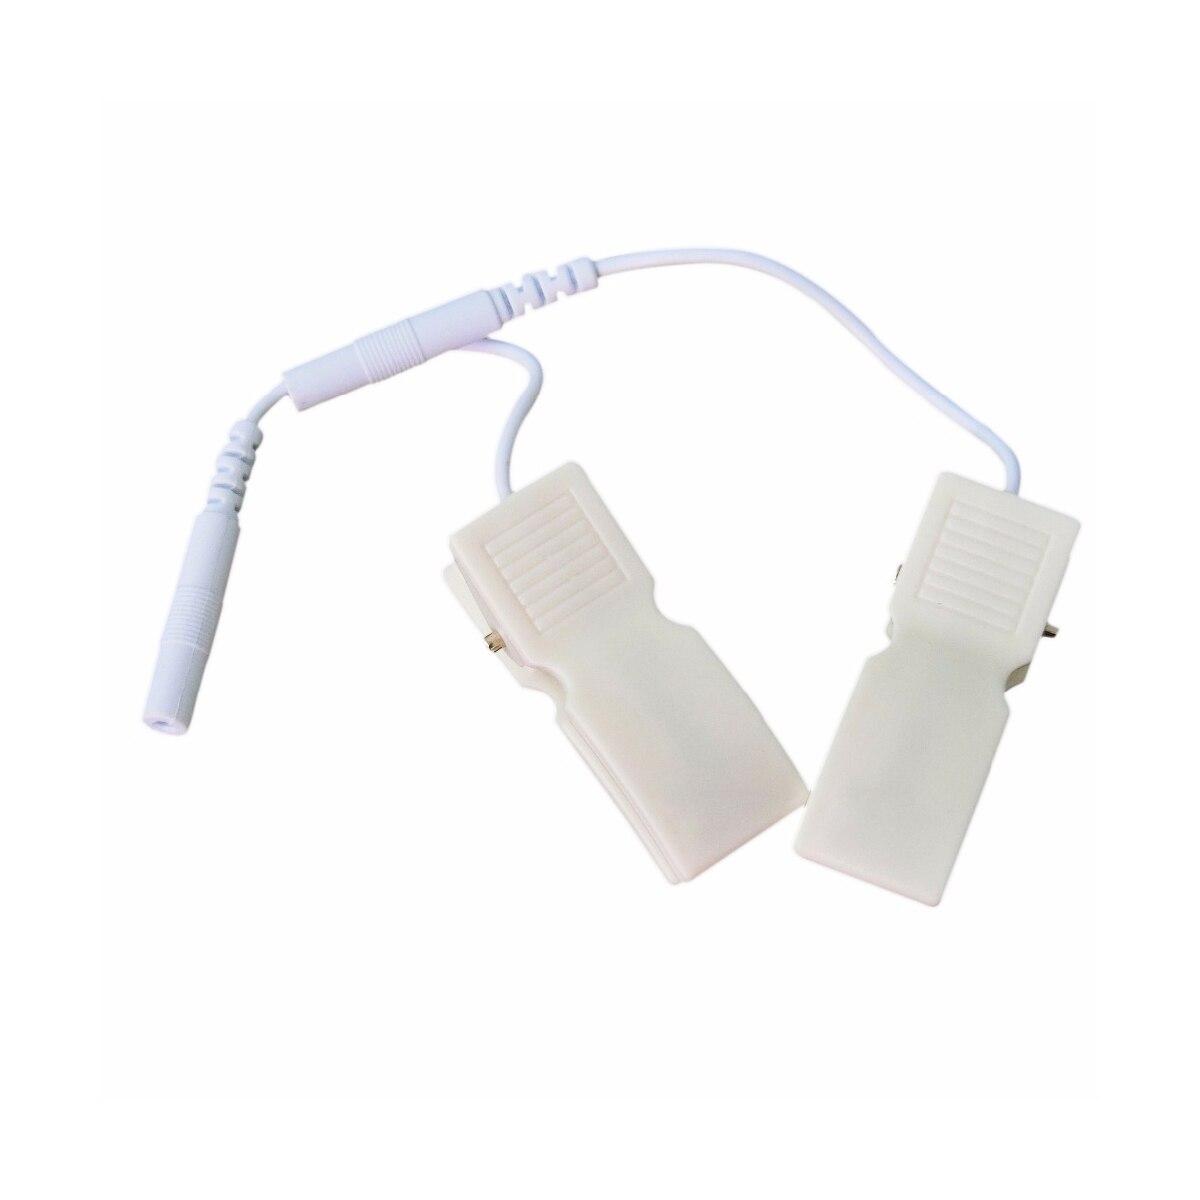 200 шт./лот 2,0 мм Электрический контакт груди Nippple уха боли клип десятки электродный провод Соединительный кабель для массажер машина